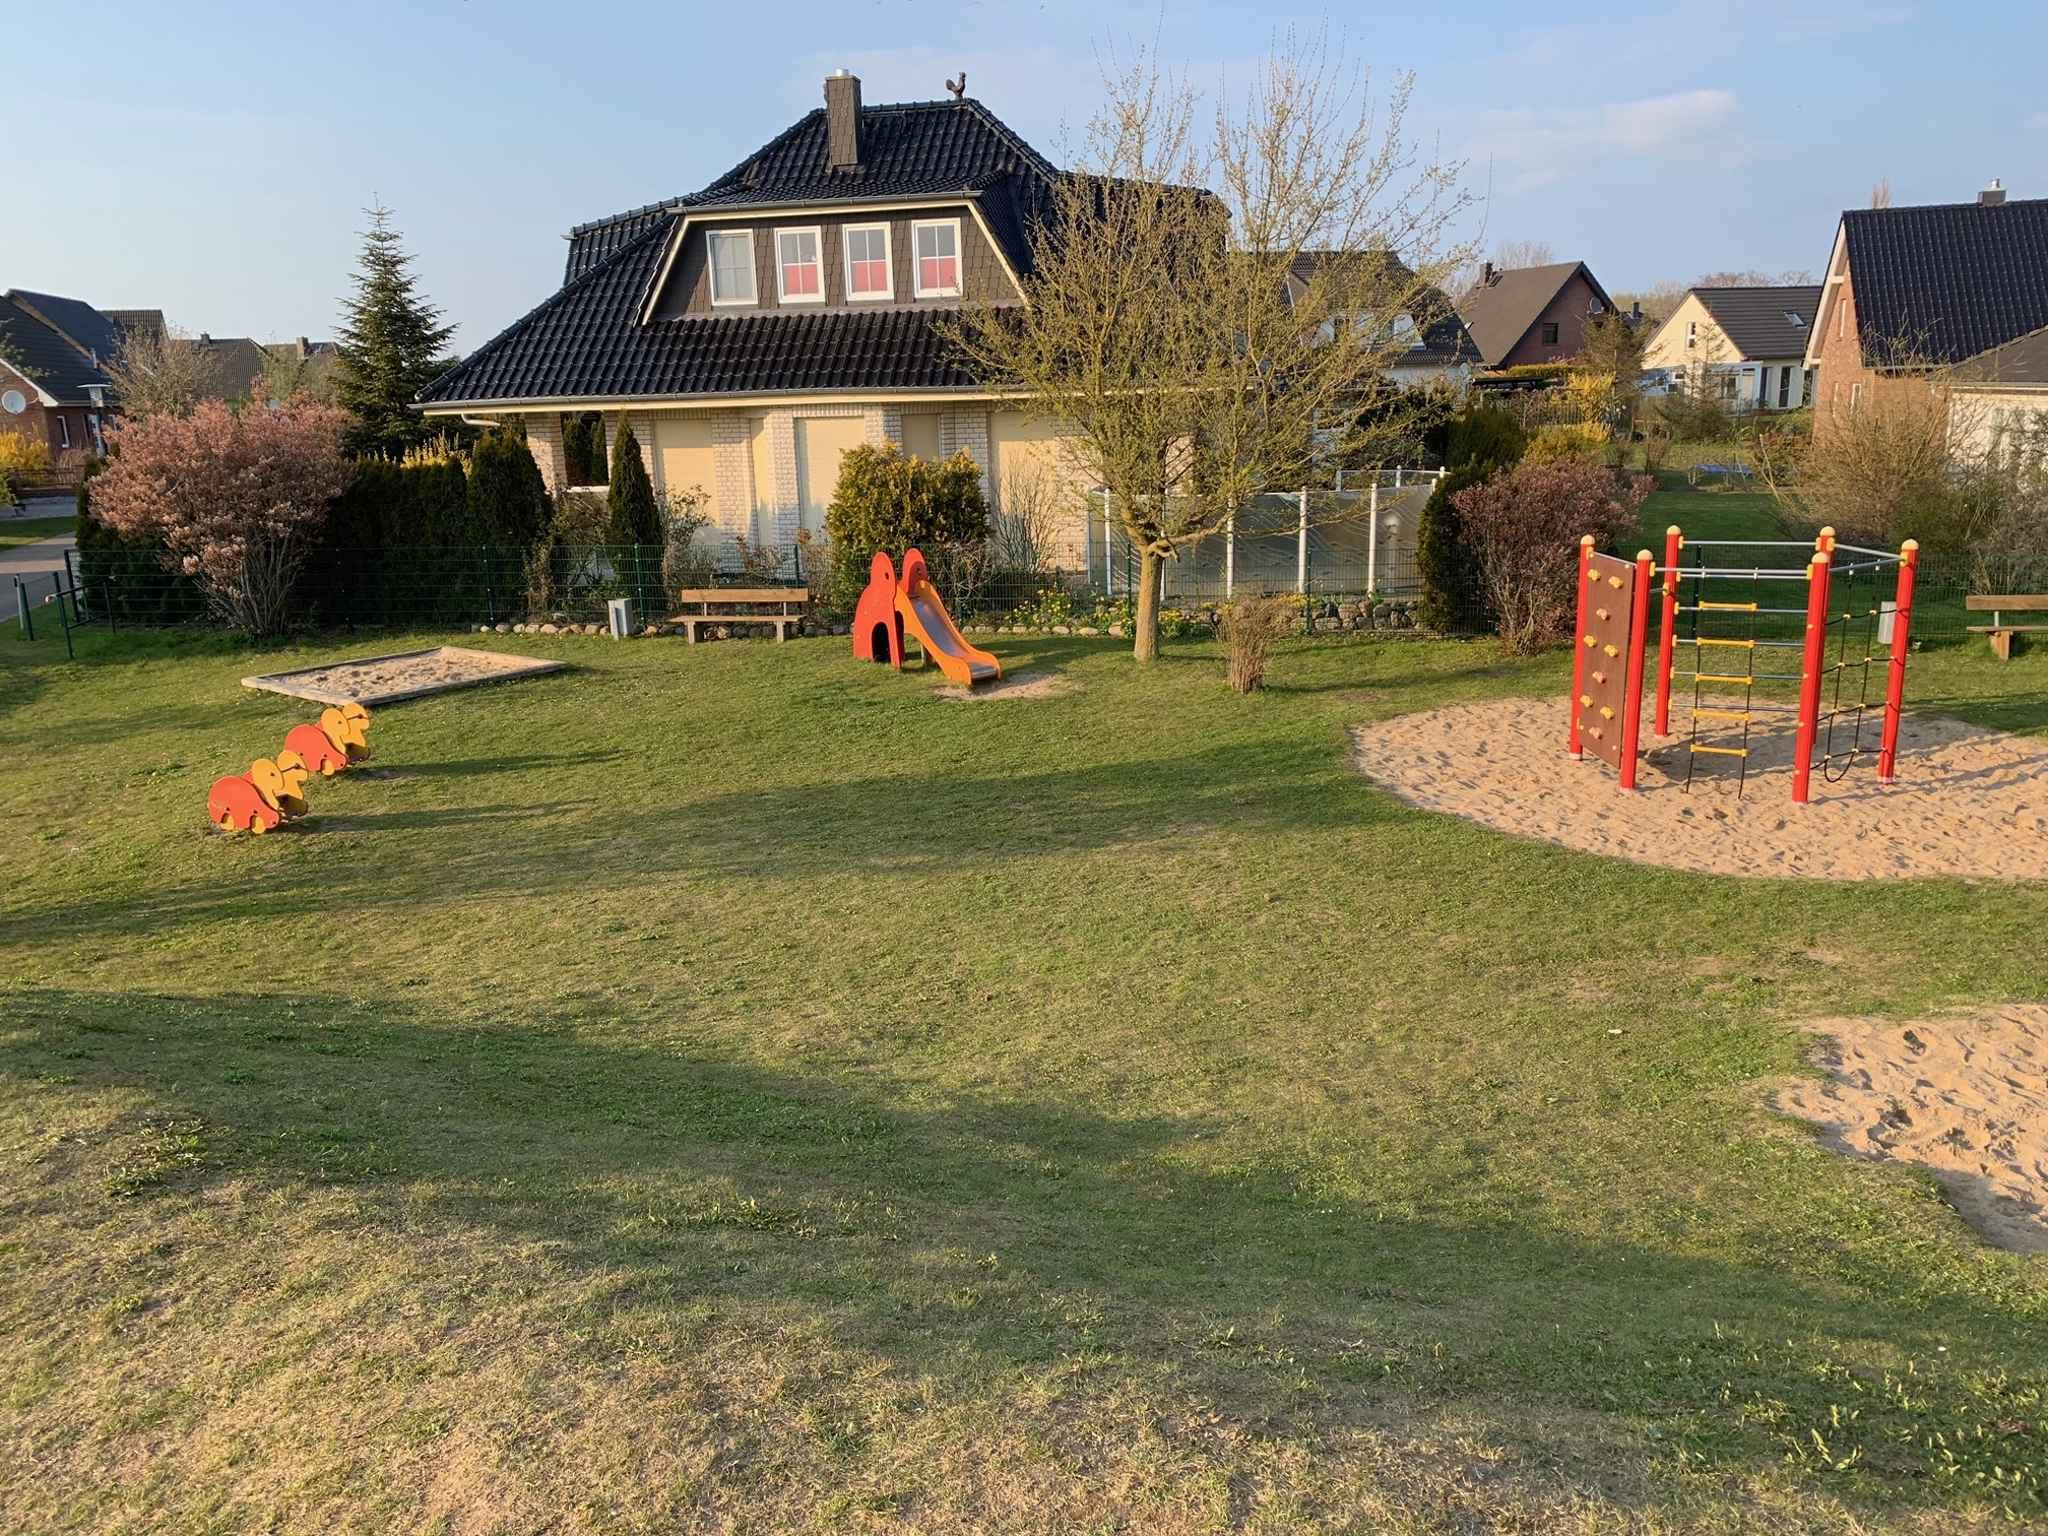 Ferienwohnung mit Garten, direkt im Kranichrastgebiet (360790), Klausdorf, Stralsund, Mecklenburg-Vorpommern, Deutschland, Bild 9